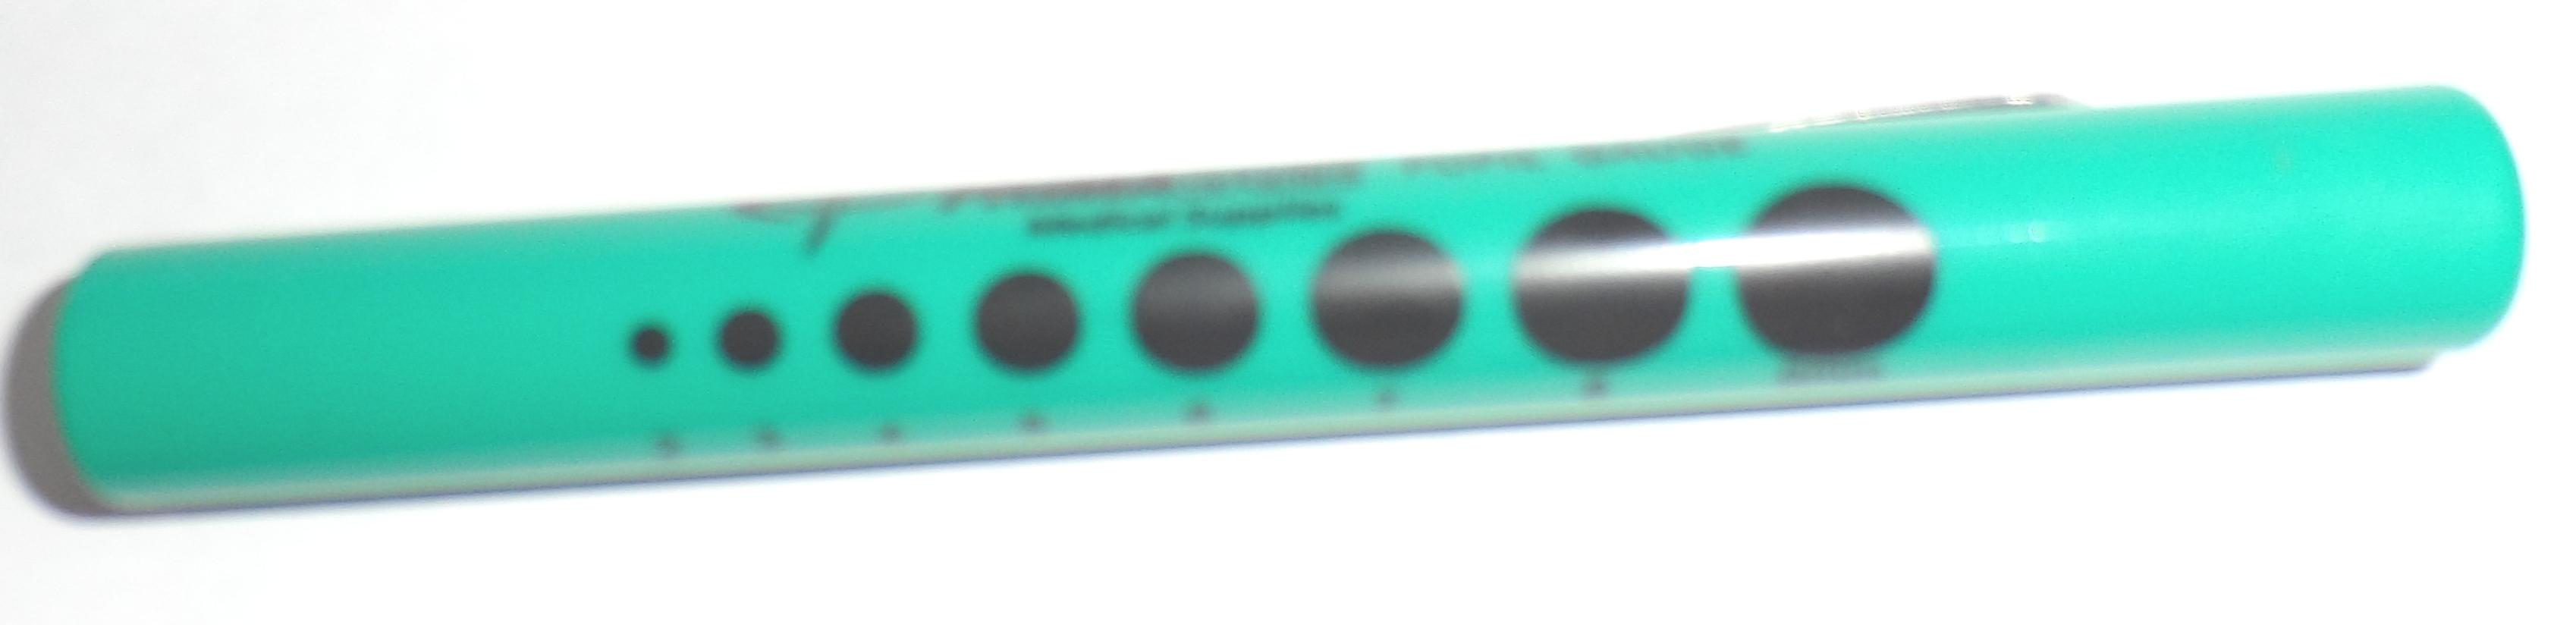 Pupillampje disposable, groen